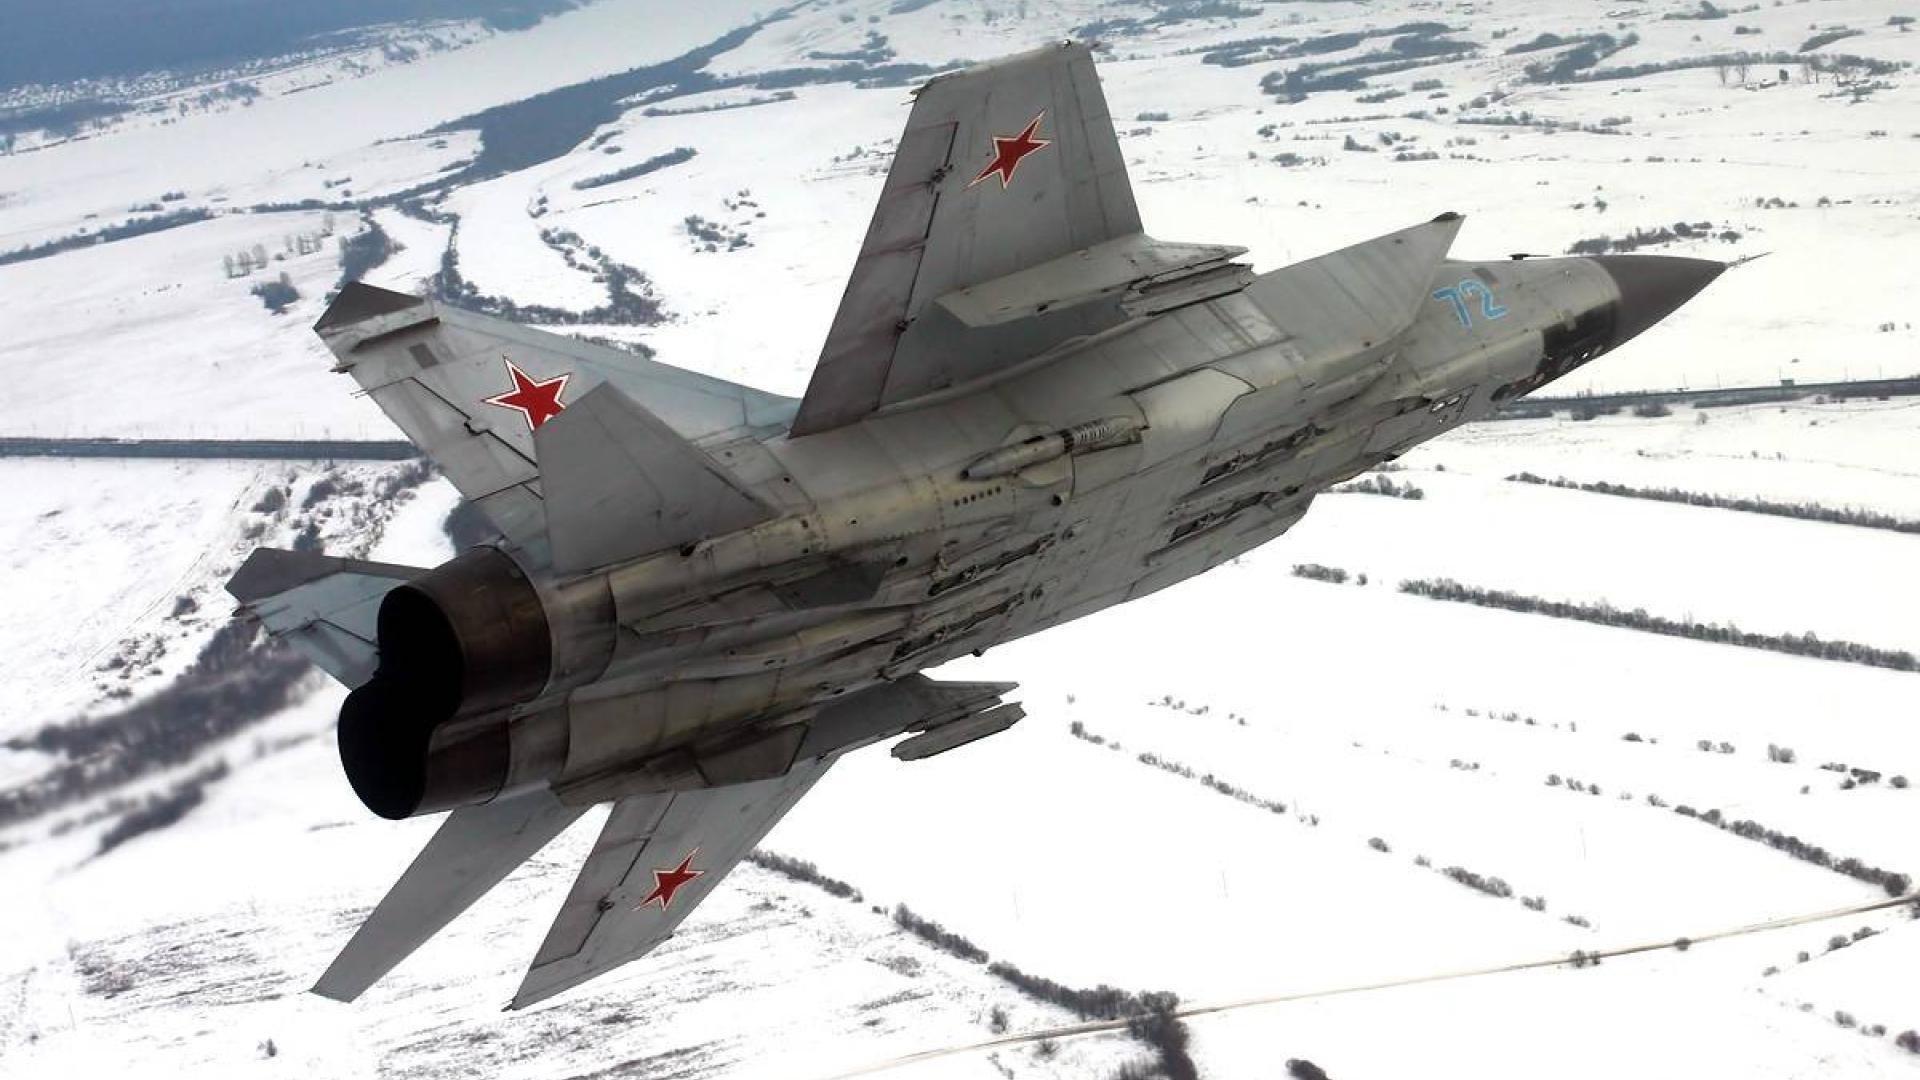 Обои миг-31, ввс, Микоян и гуревич, перехватчик, истребитель. Авиация foto 14